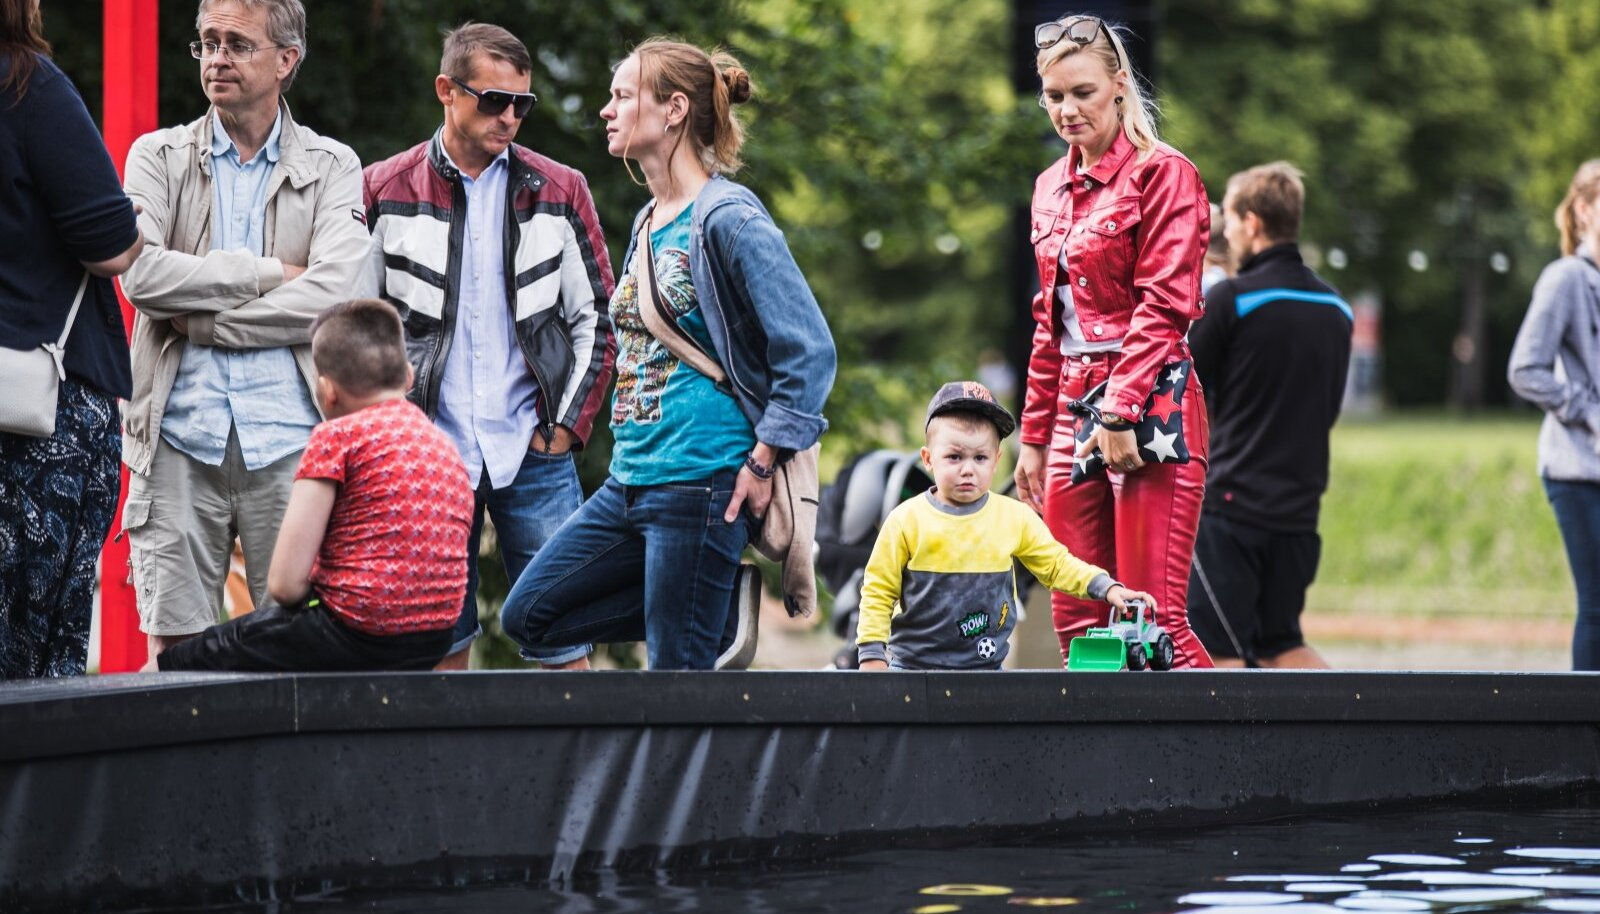 Autovabaduse puiesteel hullasid lapsed suures basseinis. Jahedamal päeval võttis mõnel mehel suu mossi, kui vanemad sinna ei lubanud.